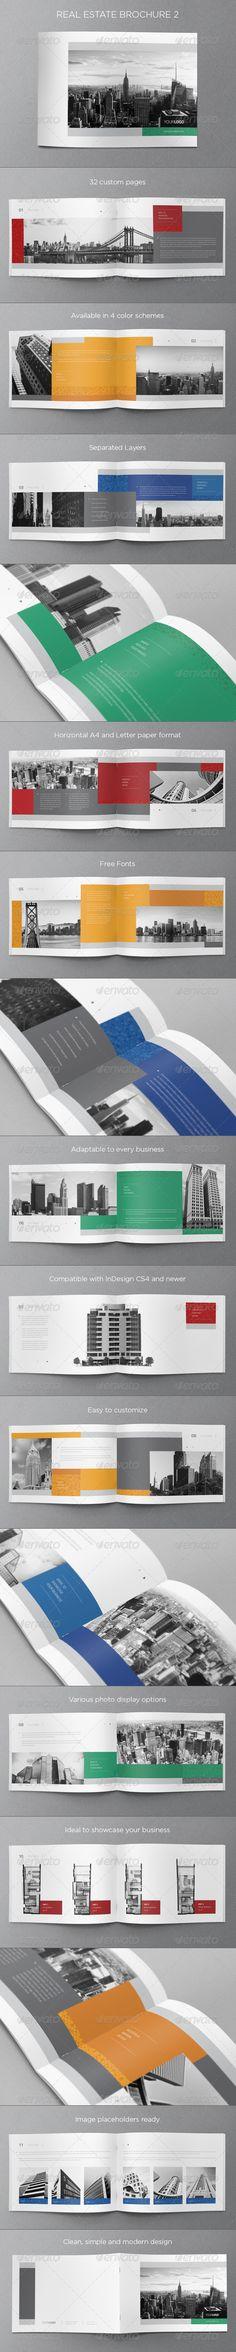 Real Estate Brochure 2 #GraphicRiver